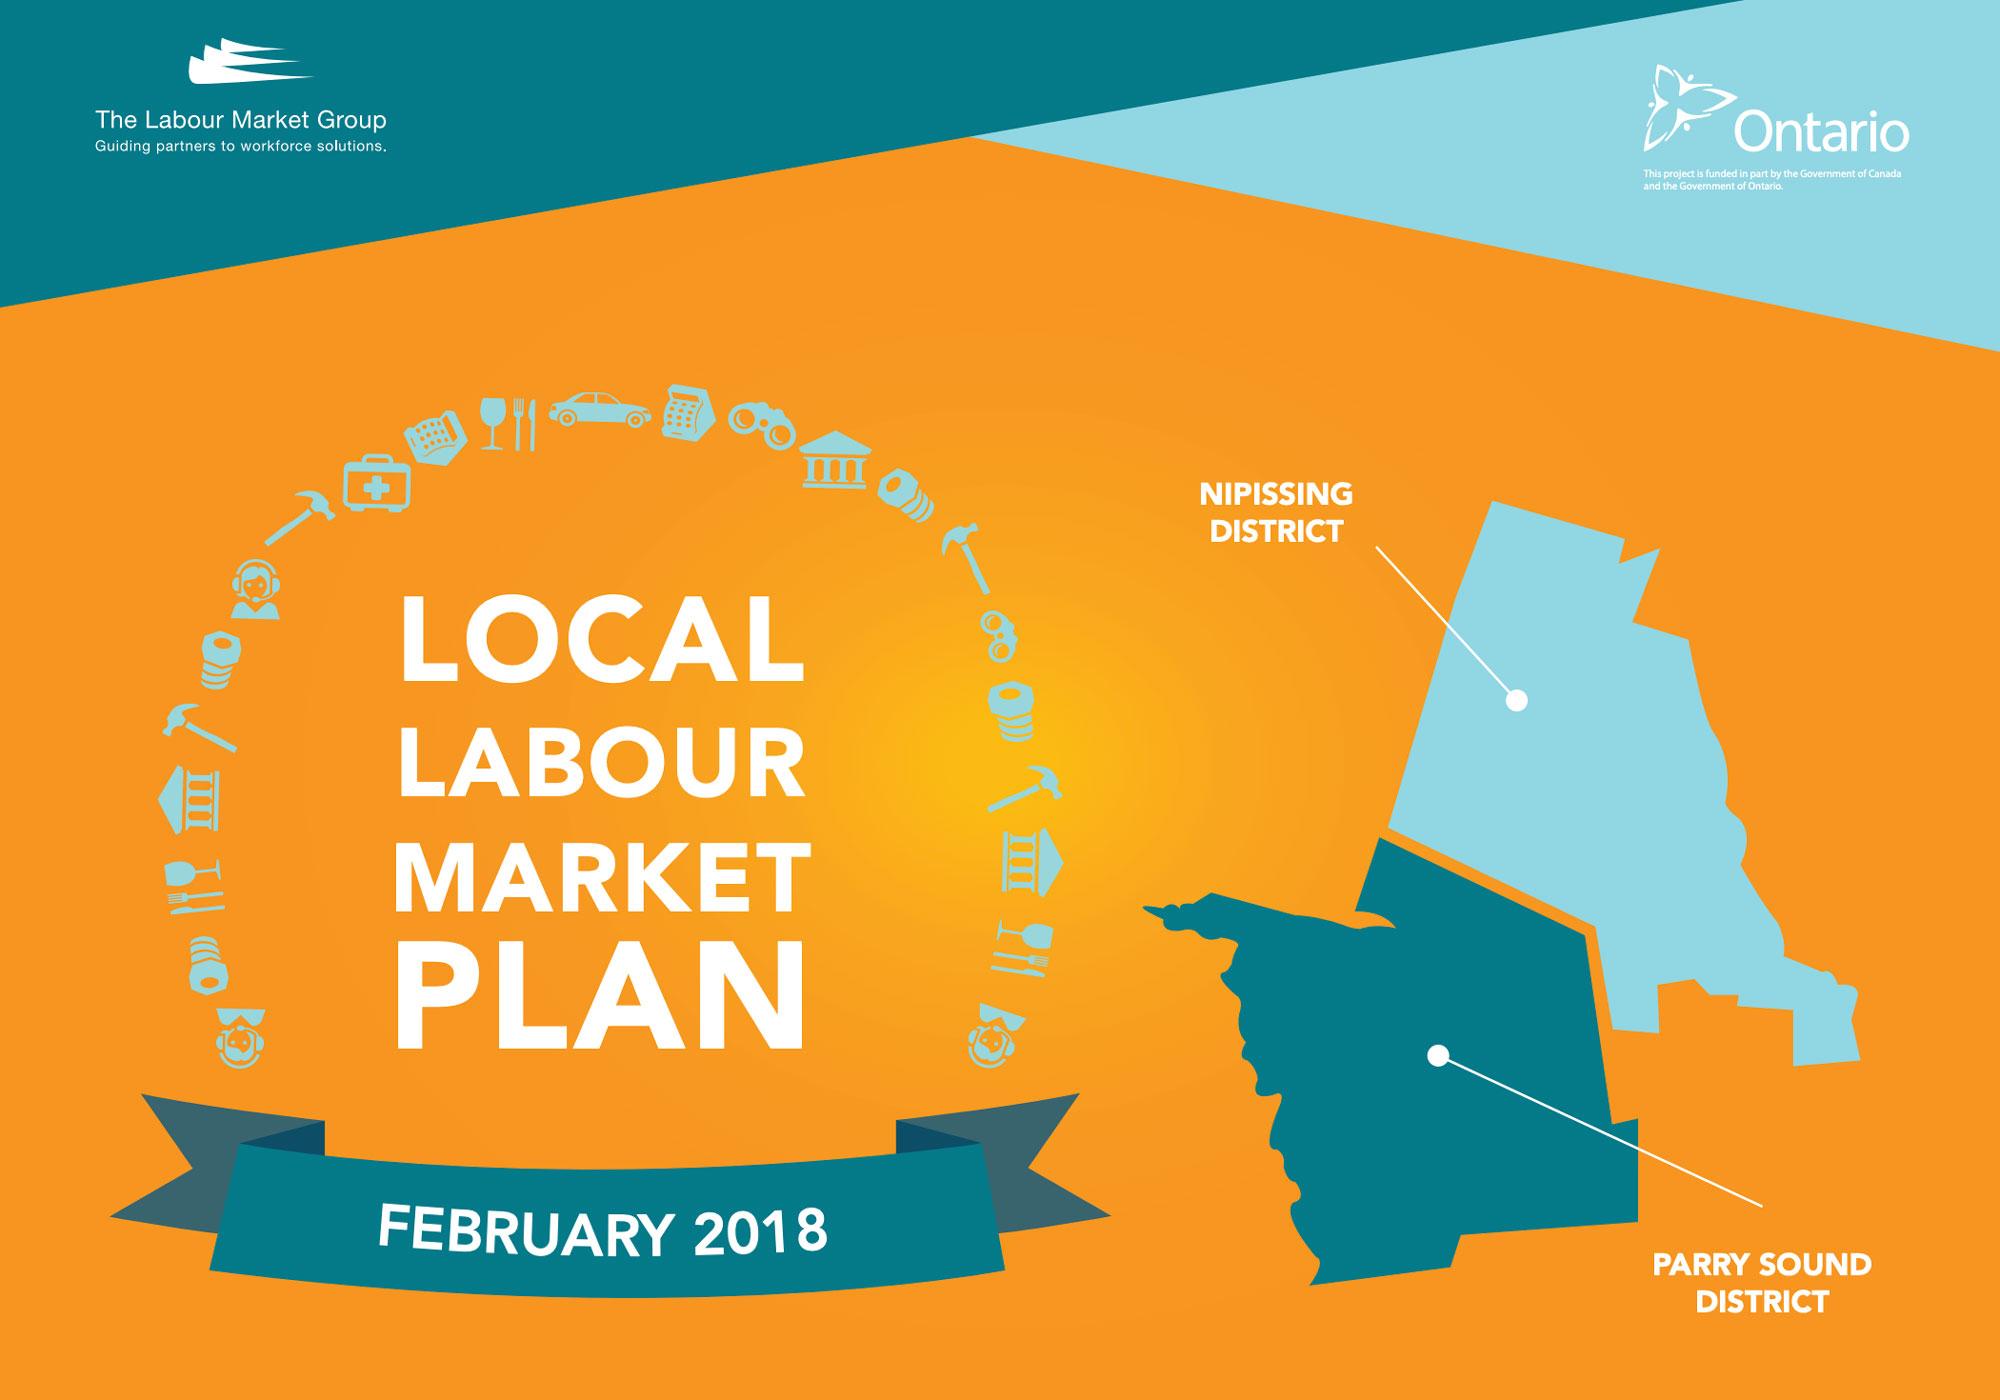 2018 Local Labour Market Plan